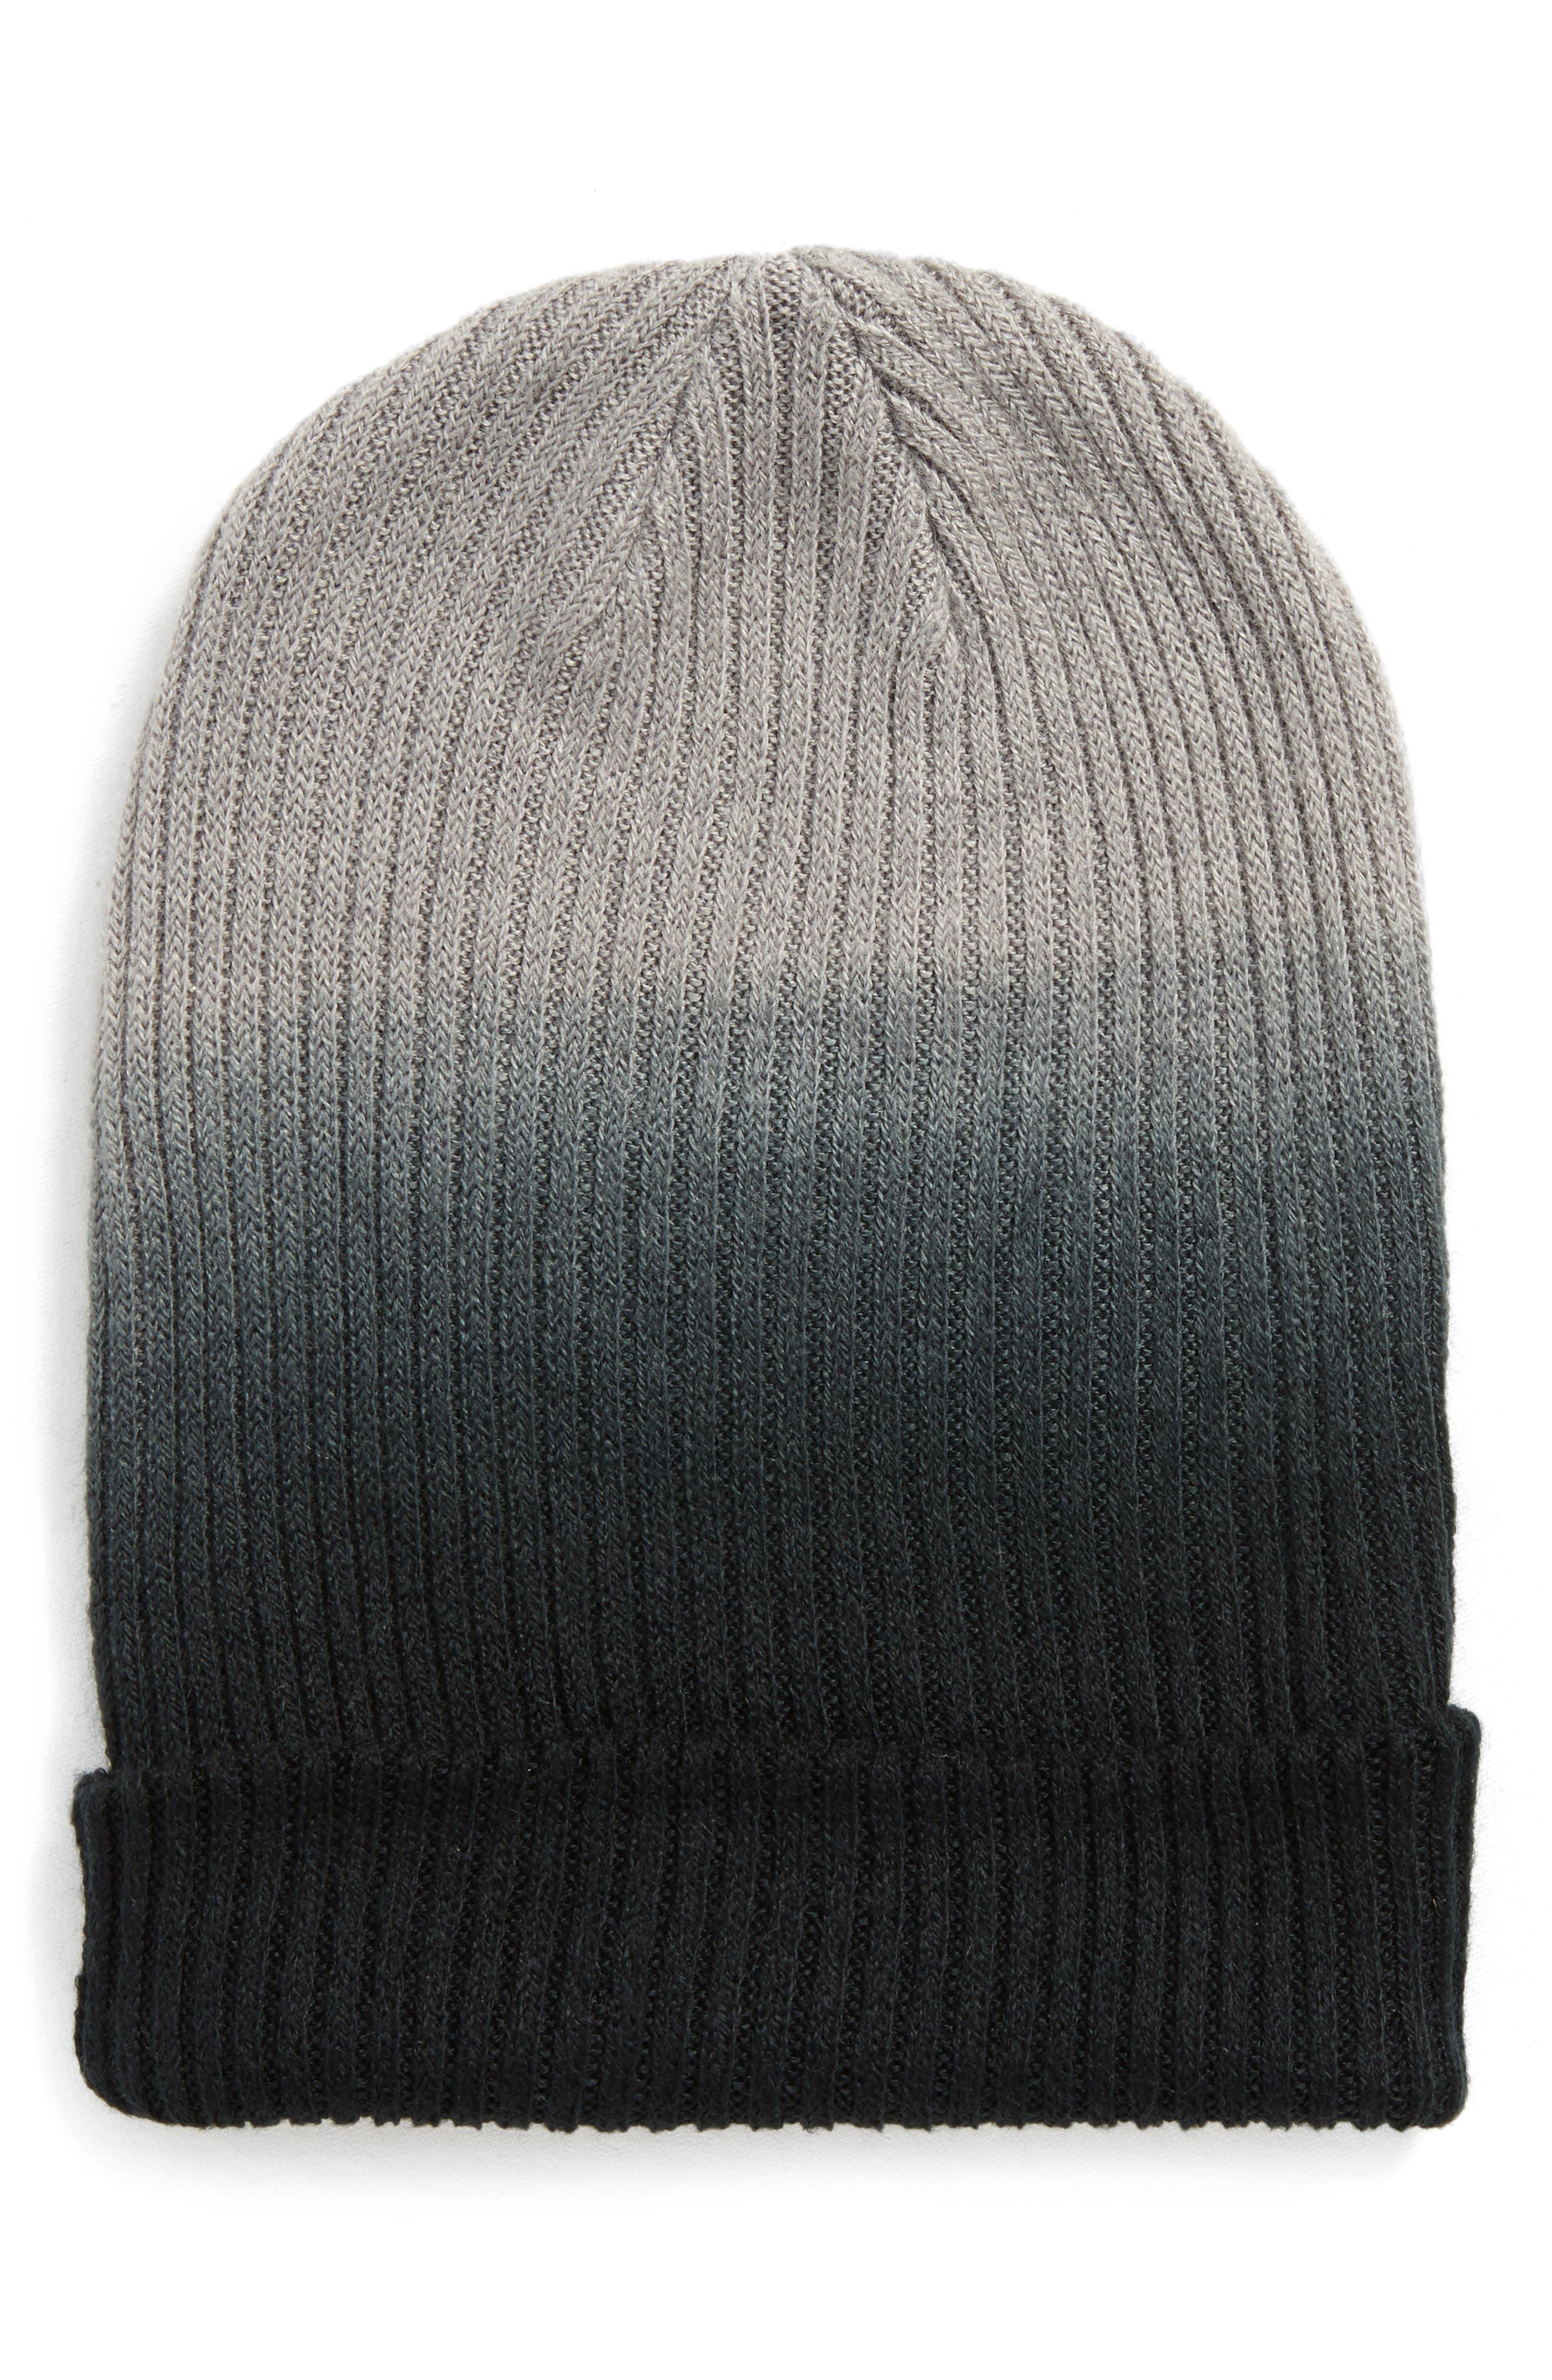 Ombré Knit Beanie,                             Main thumbnail 1, color,                             001